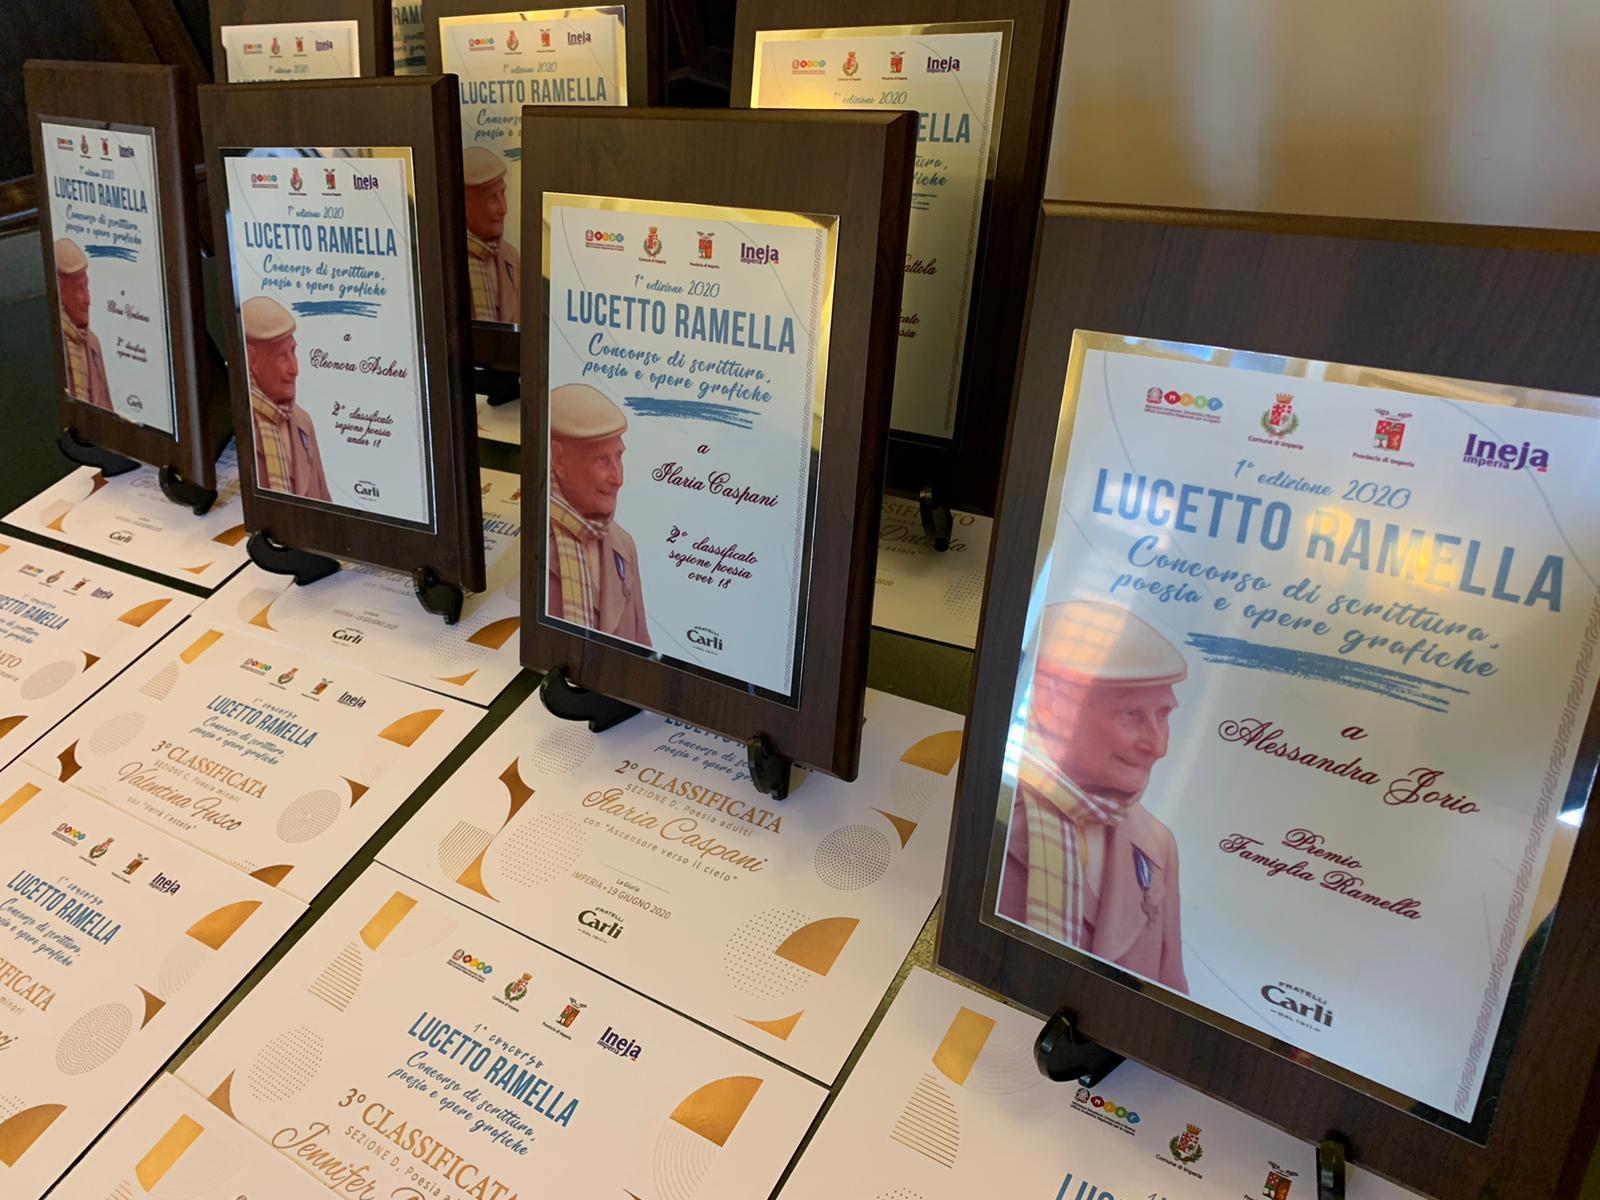 premiazione-concorso-lucetto-ramella-19-giugno-202000004